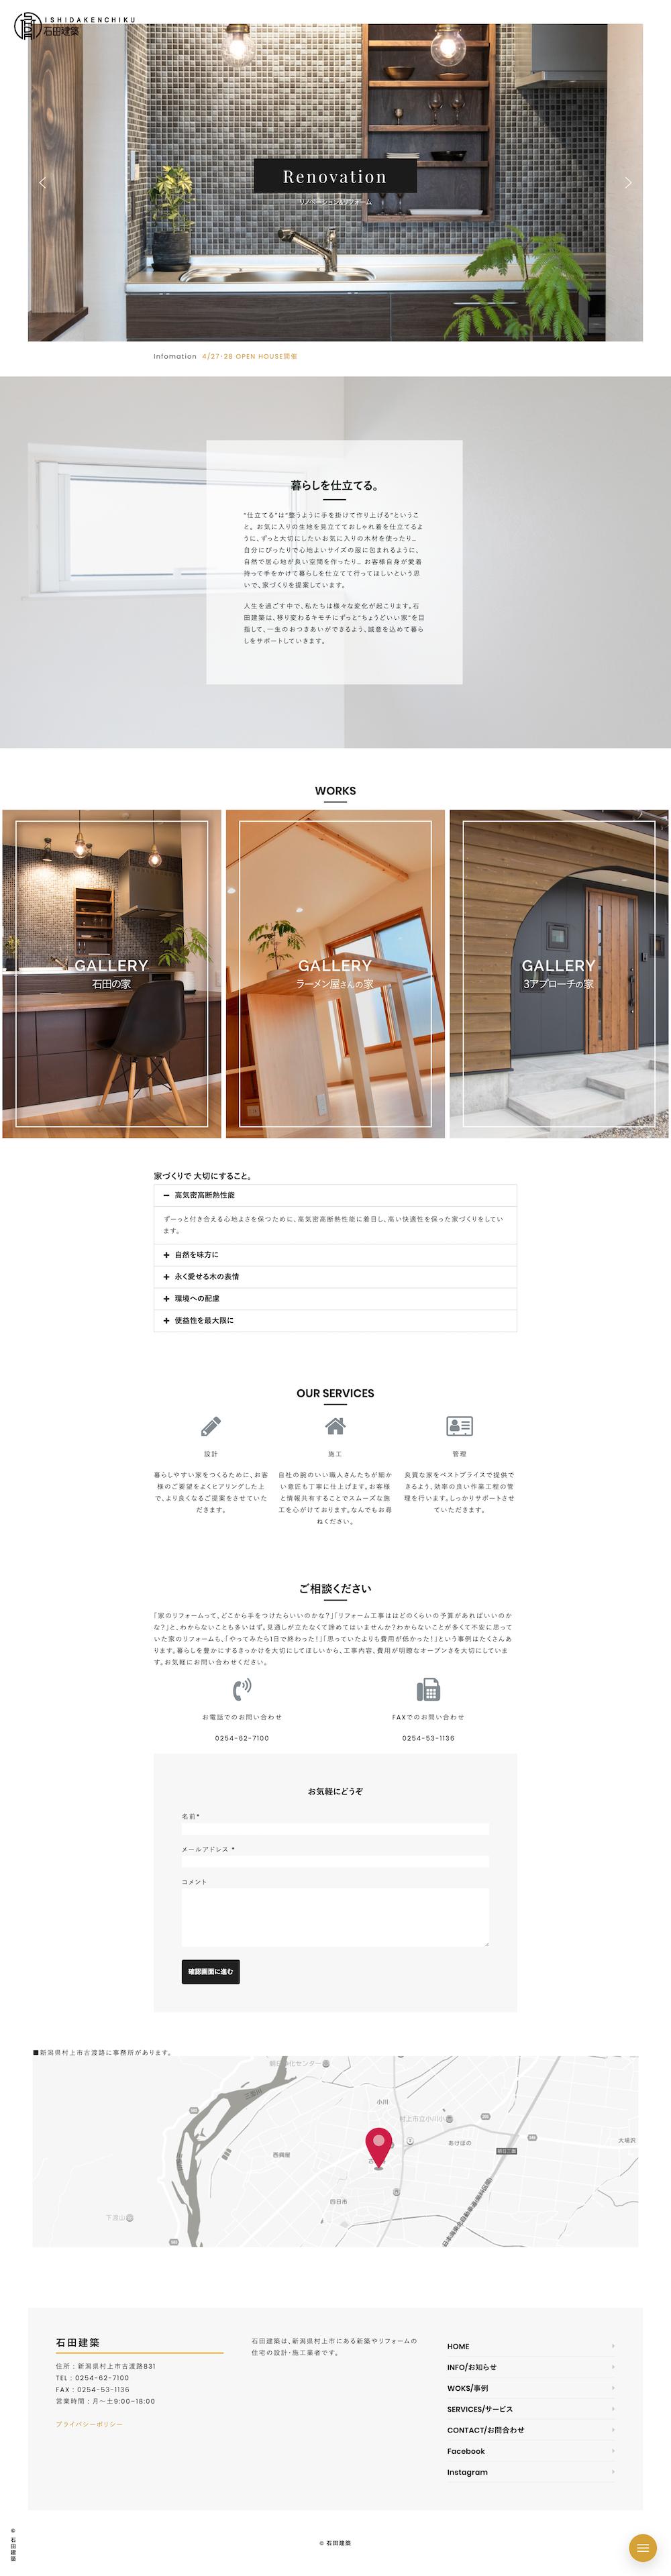 新潟県村上市にある工務店 石田建築のホームページを製作実績のスクリーンショット